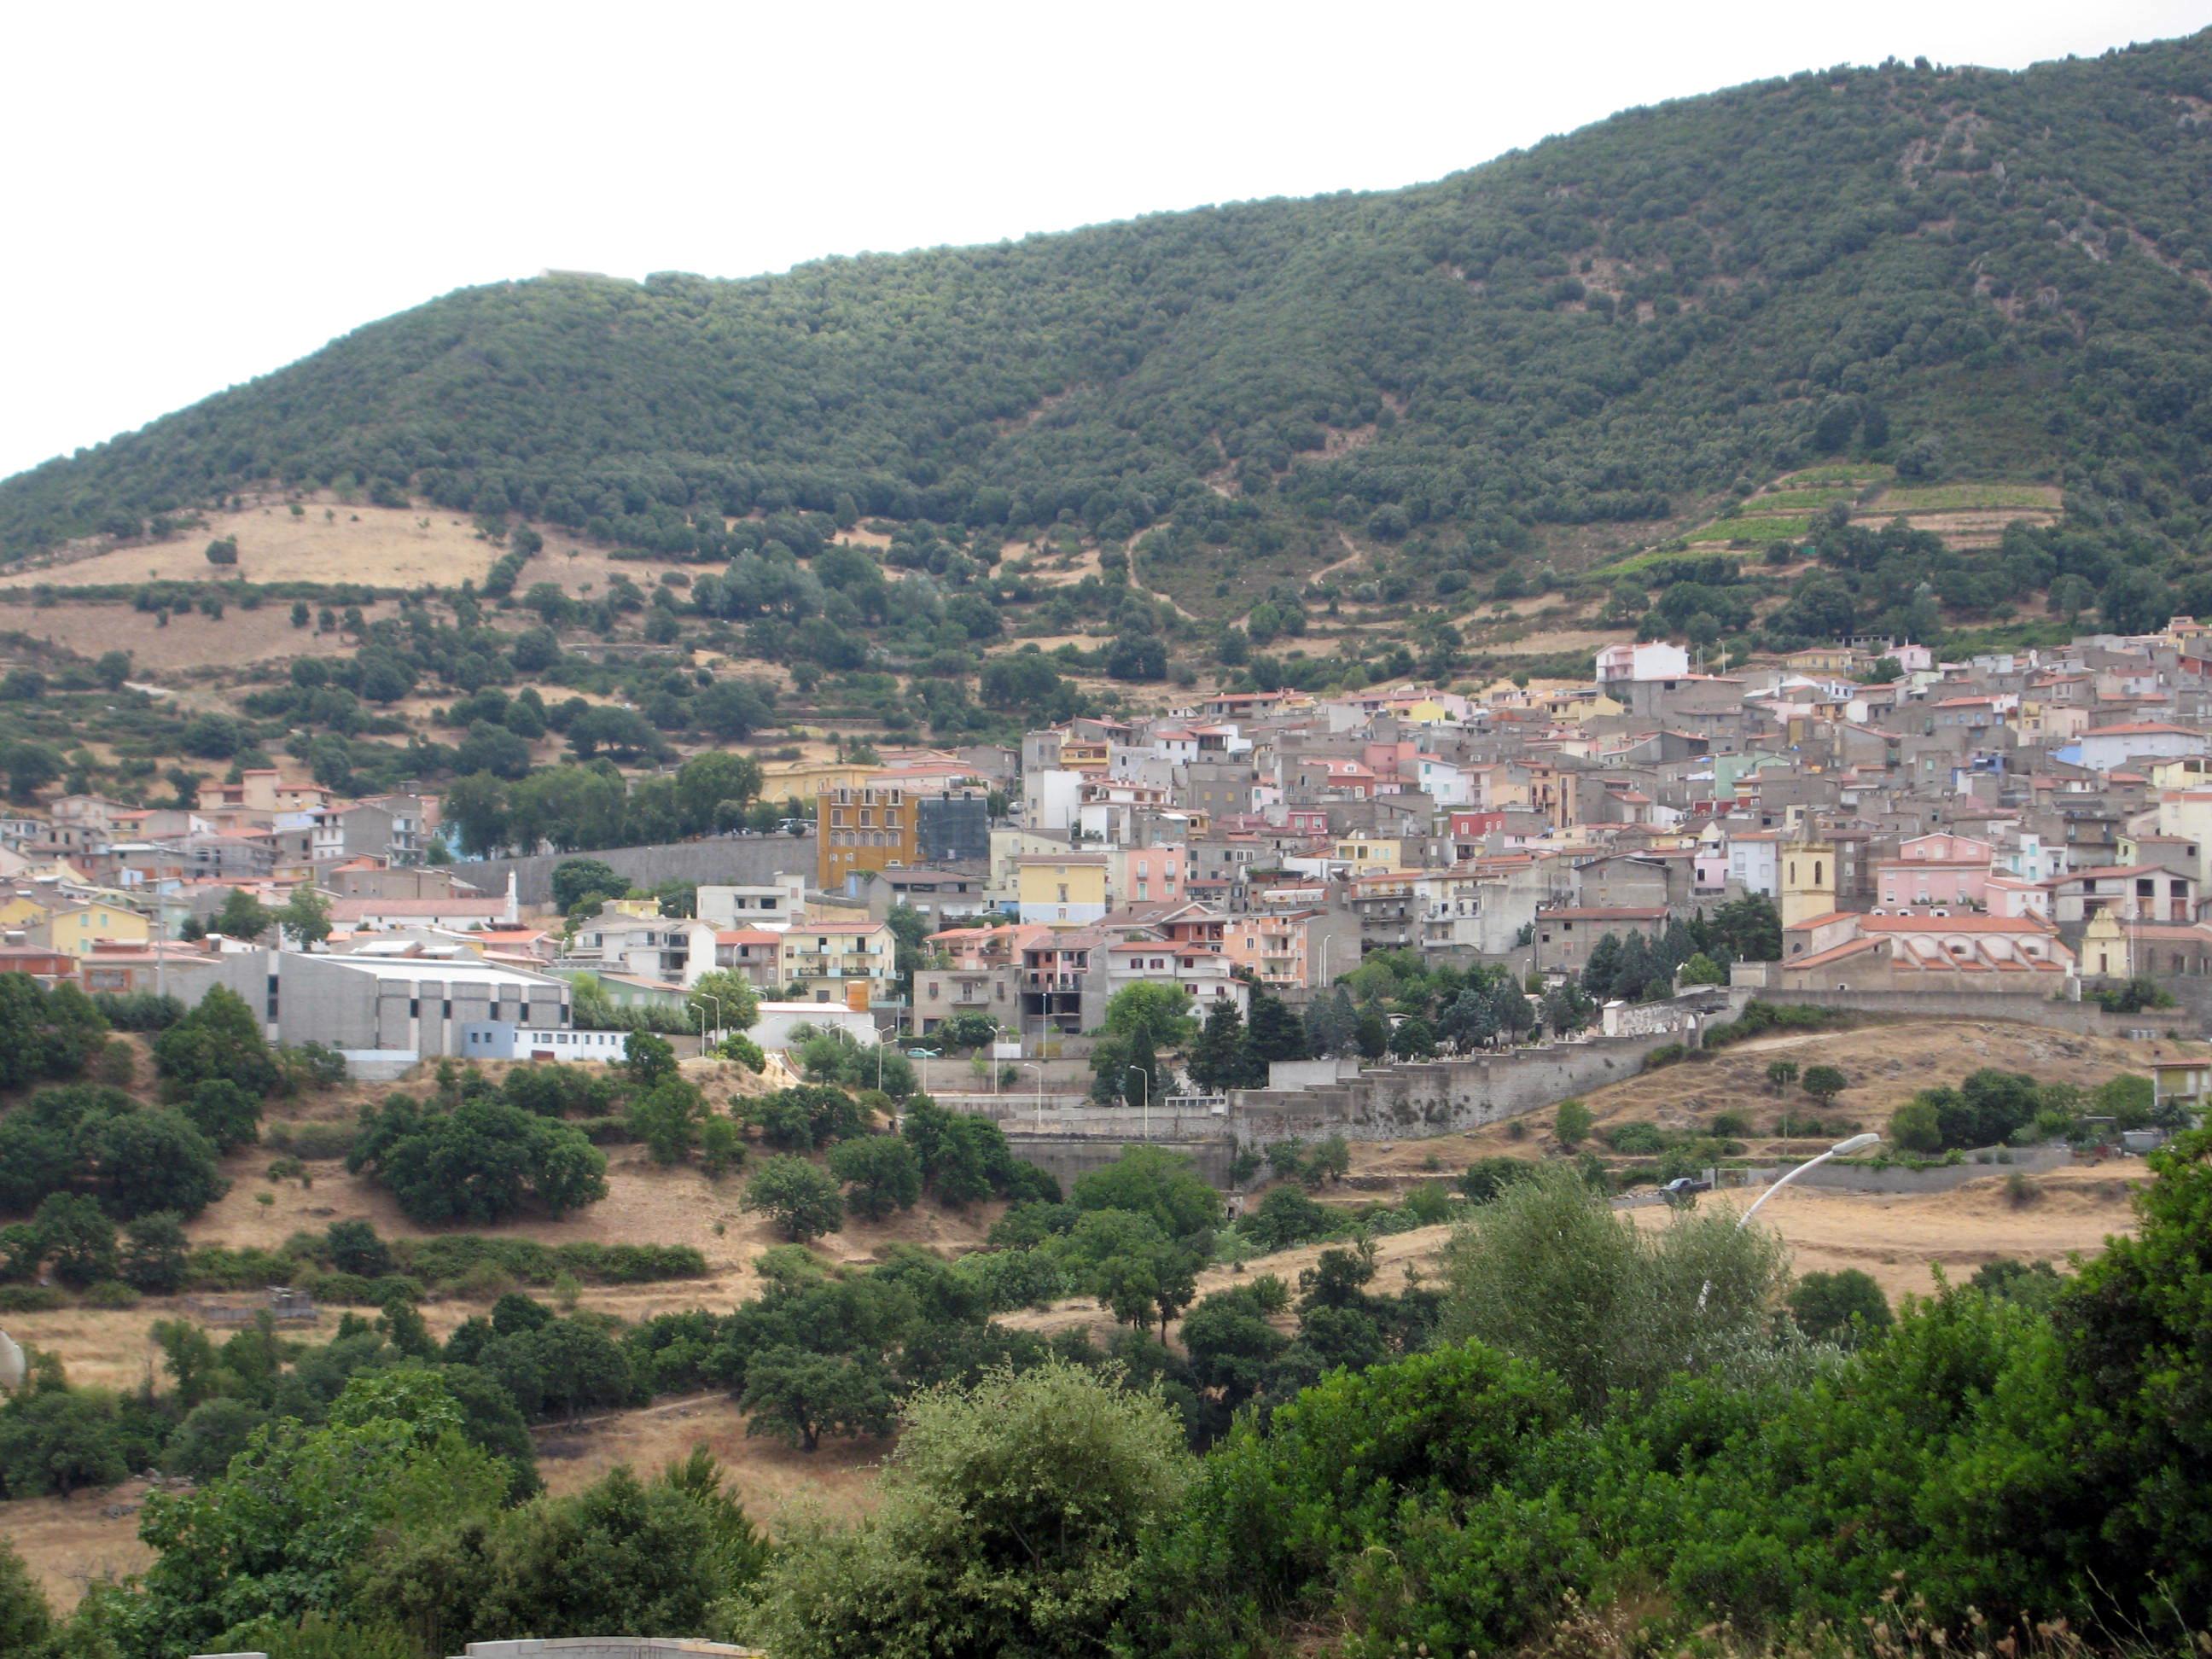 Province of Nuoro, Sardinia, Italy